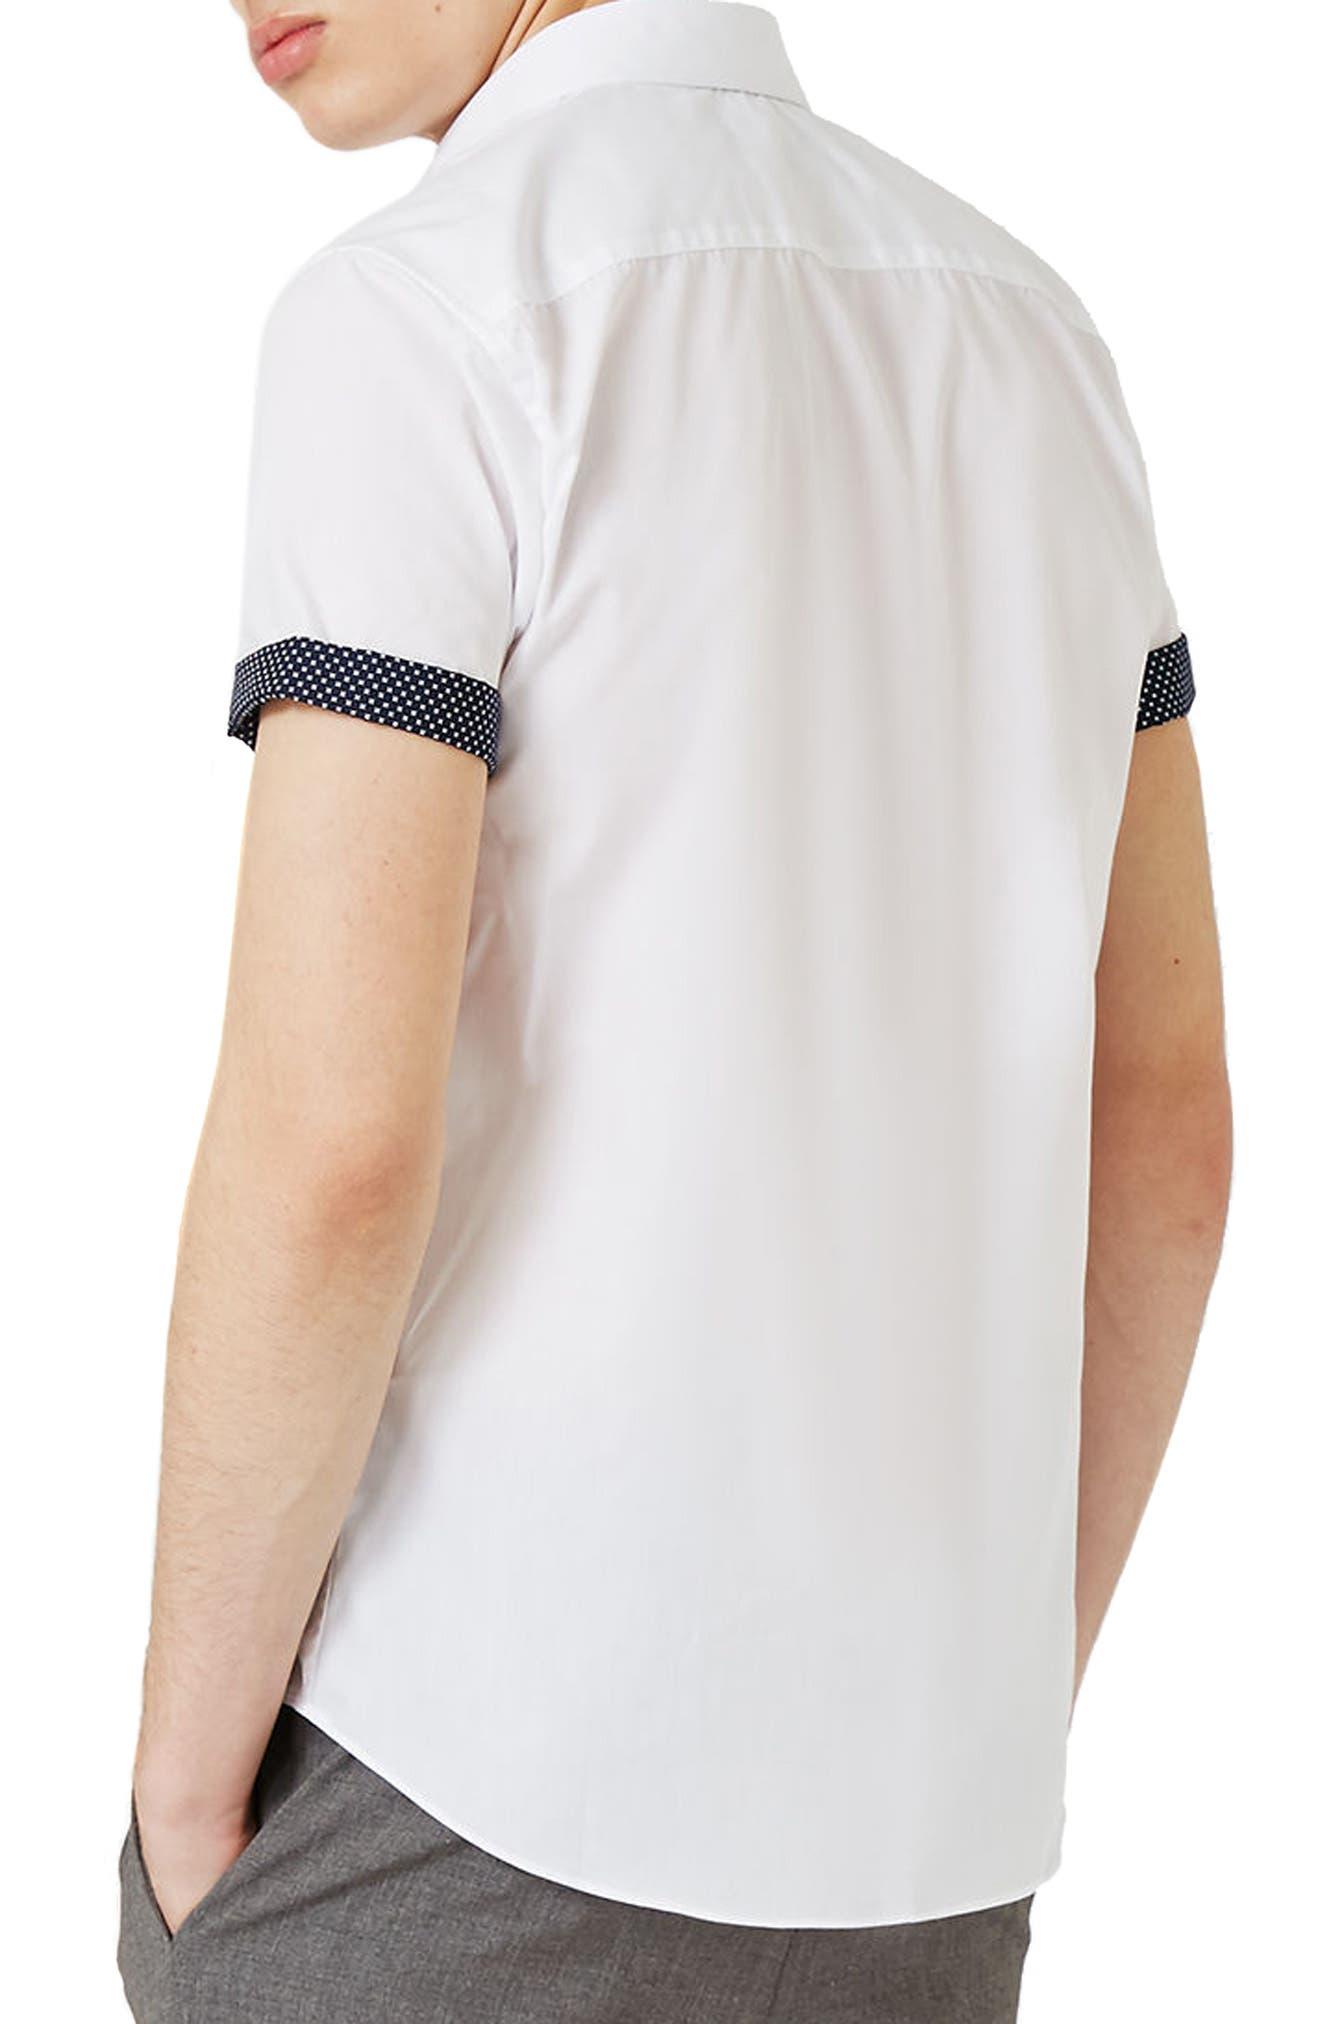 Dot Cuff Shirt,                             Alternate thumbnail 3, color,                             White Multi